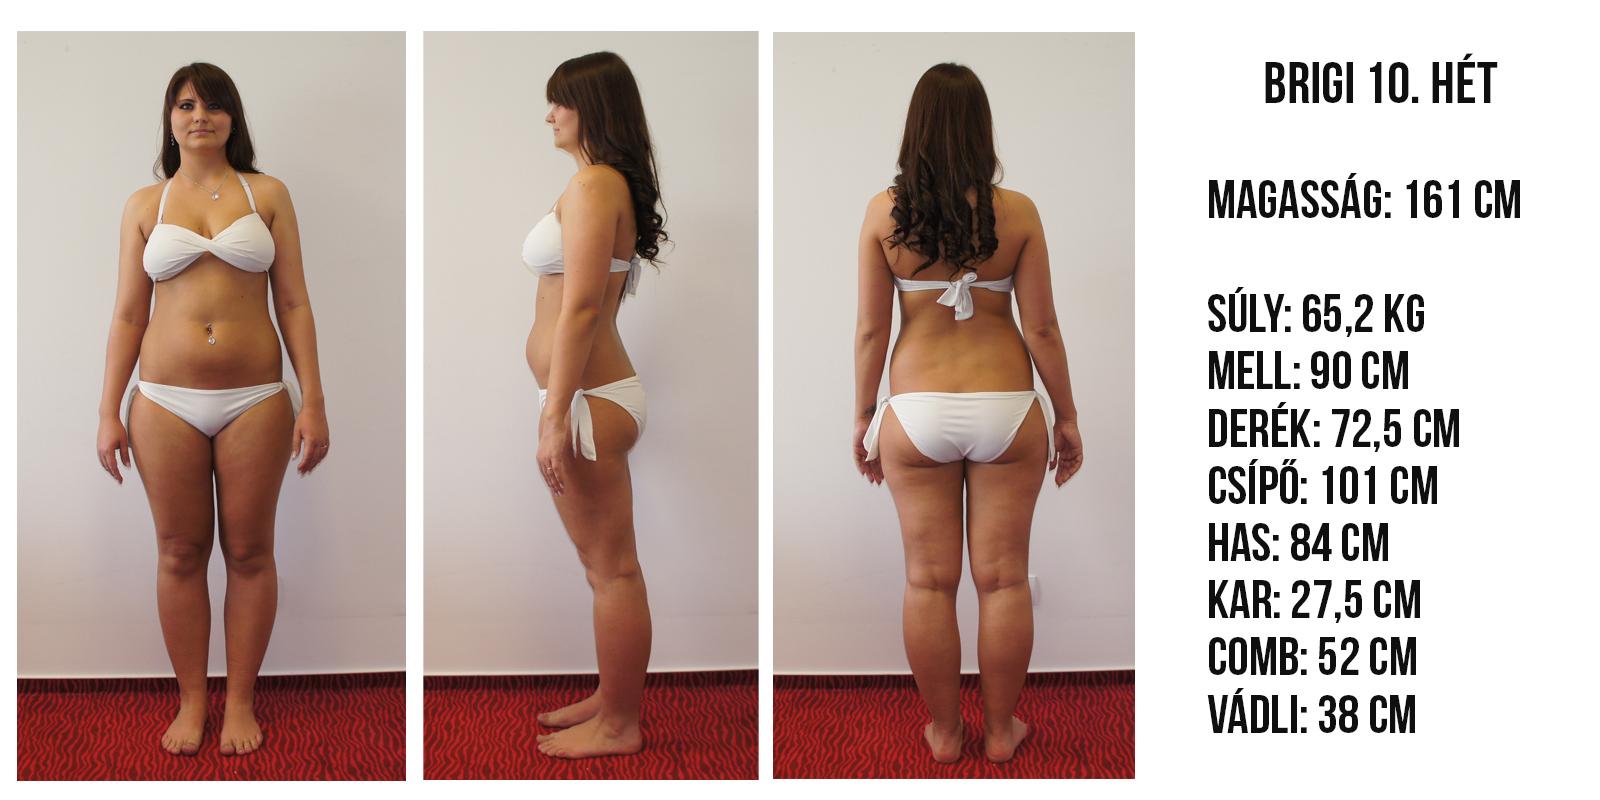 50 kg fogyott már valaki itt? Lehetséges 50 kg-t 8 hónapa alatt leadni? Hogy csináltátok?